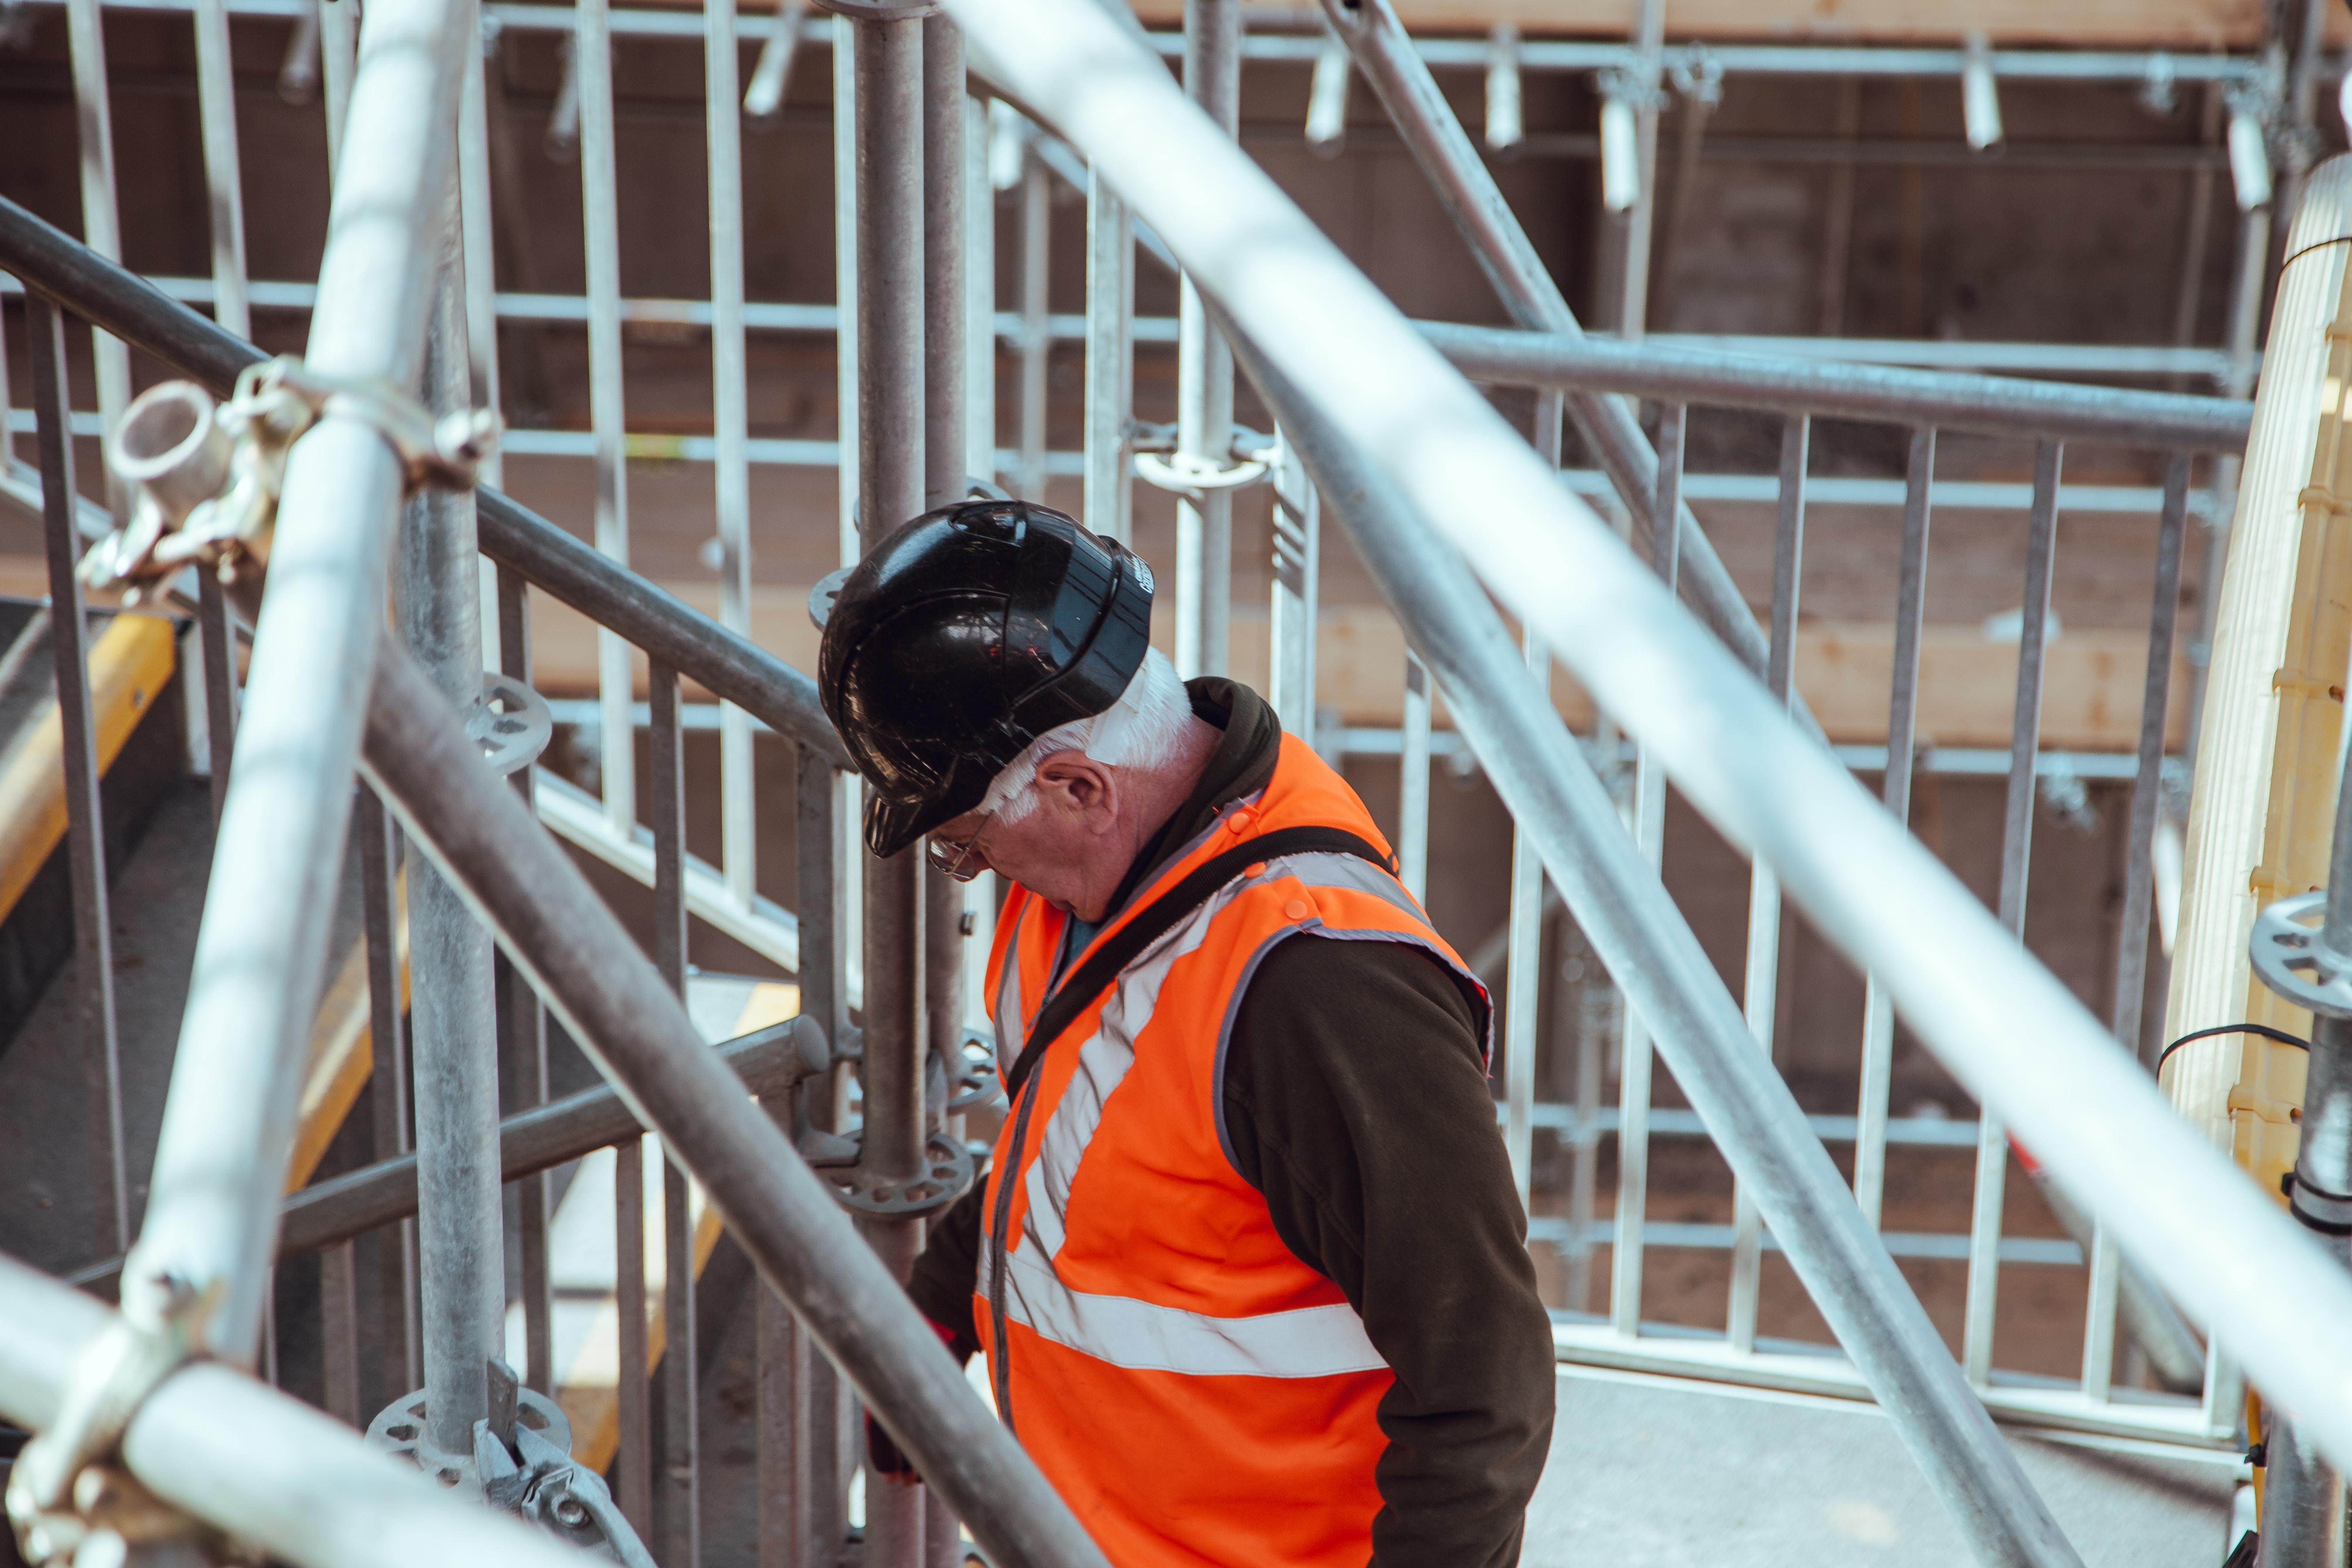 ouvrier sur un chantier portant un casque de sécurité et un gilet